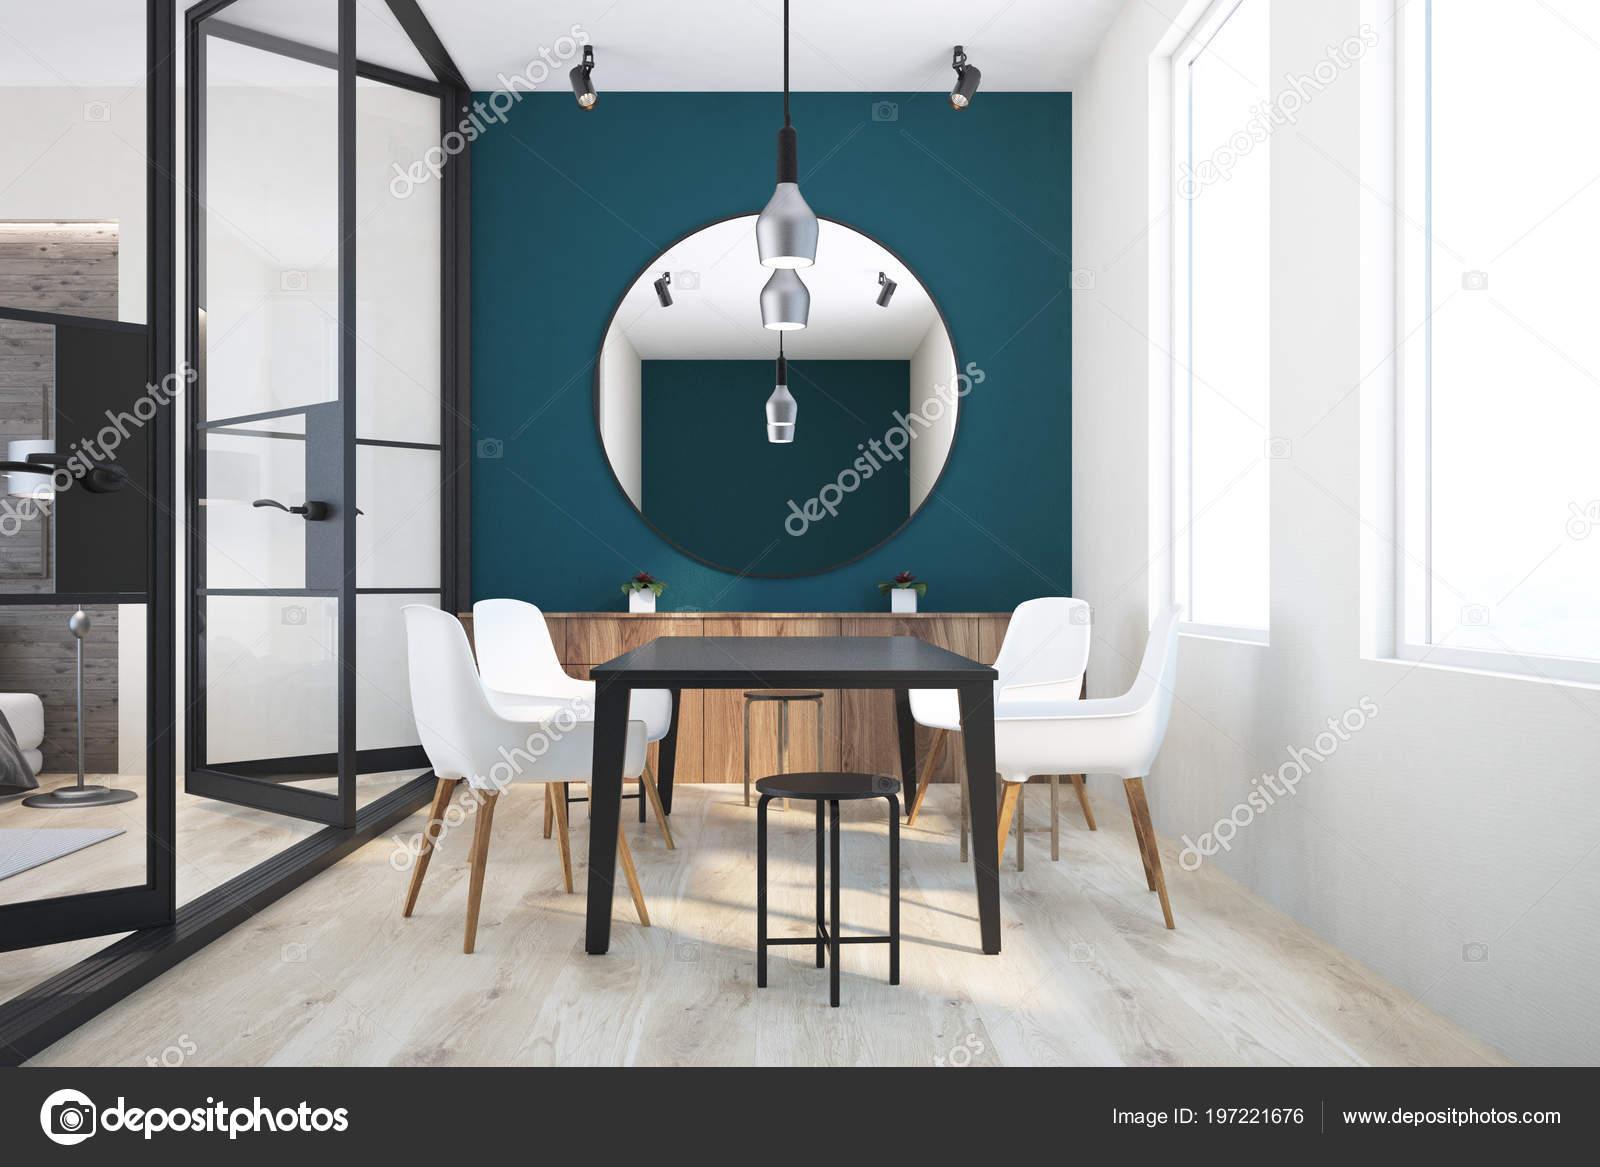 Tavolo Nero Sedie Bianche.Verde Scuro Bianco Muro Interiore Sala Pranzo Con Tavolo Nero Foto